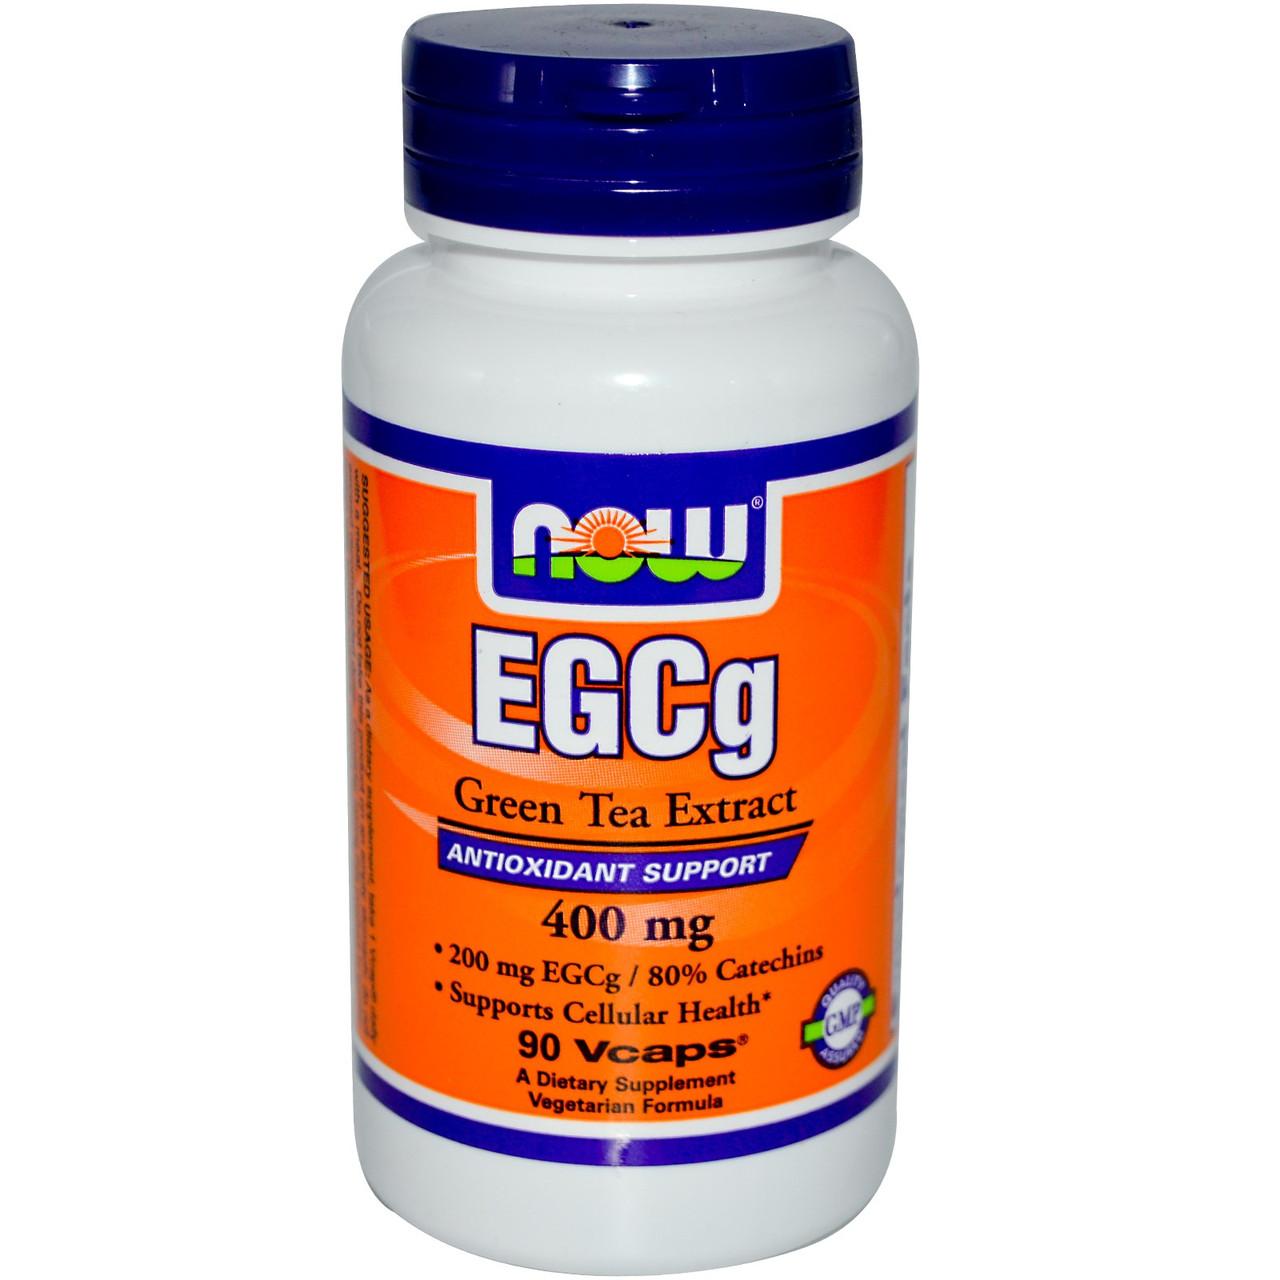 EGCG (Галлат эпигаллокатехина) экстракт зеленого чая, Now Foods, 90 капсул. Сделано в США.